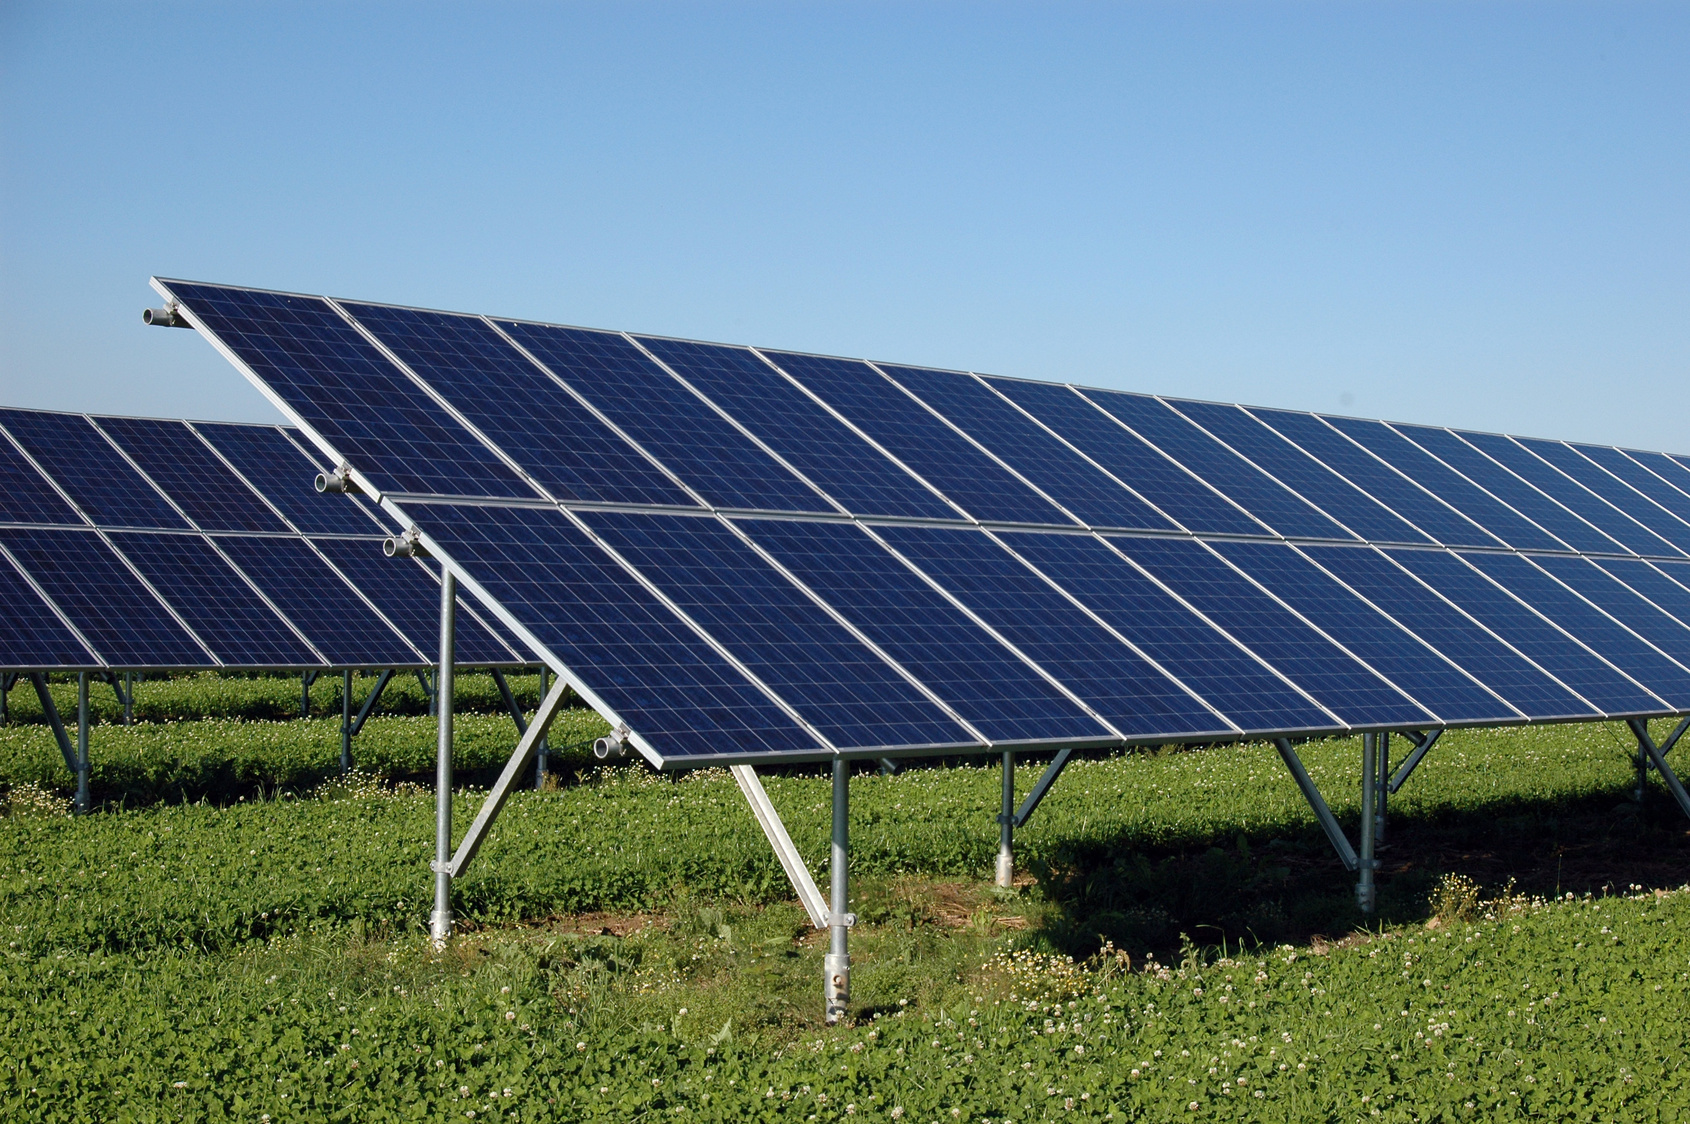 ՀԾԿՀ-ում կքննարկվի «Արևէկ» արևային էլեկտրակայանի էլեկտրաէներգիայի սակագինը 51.287 դրամ սահմանելու հարցը